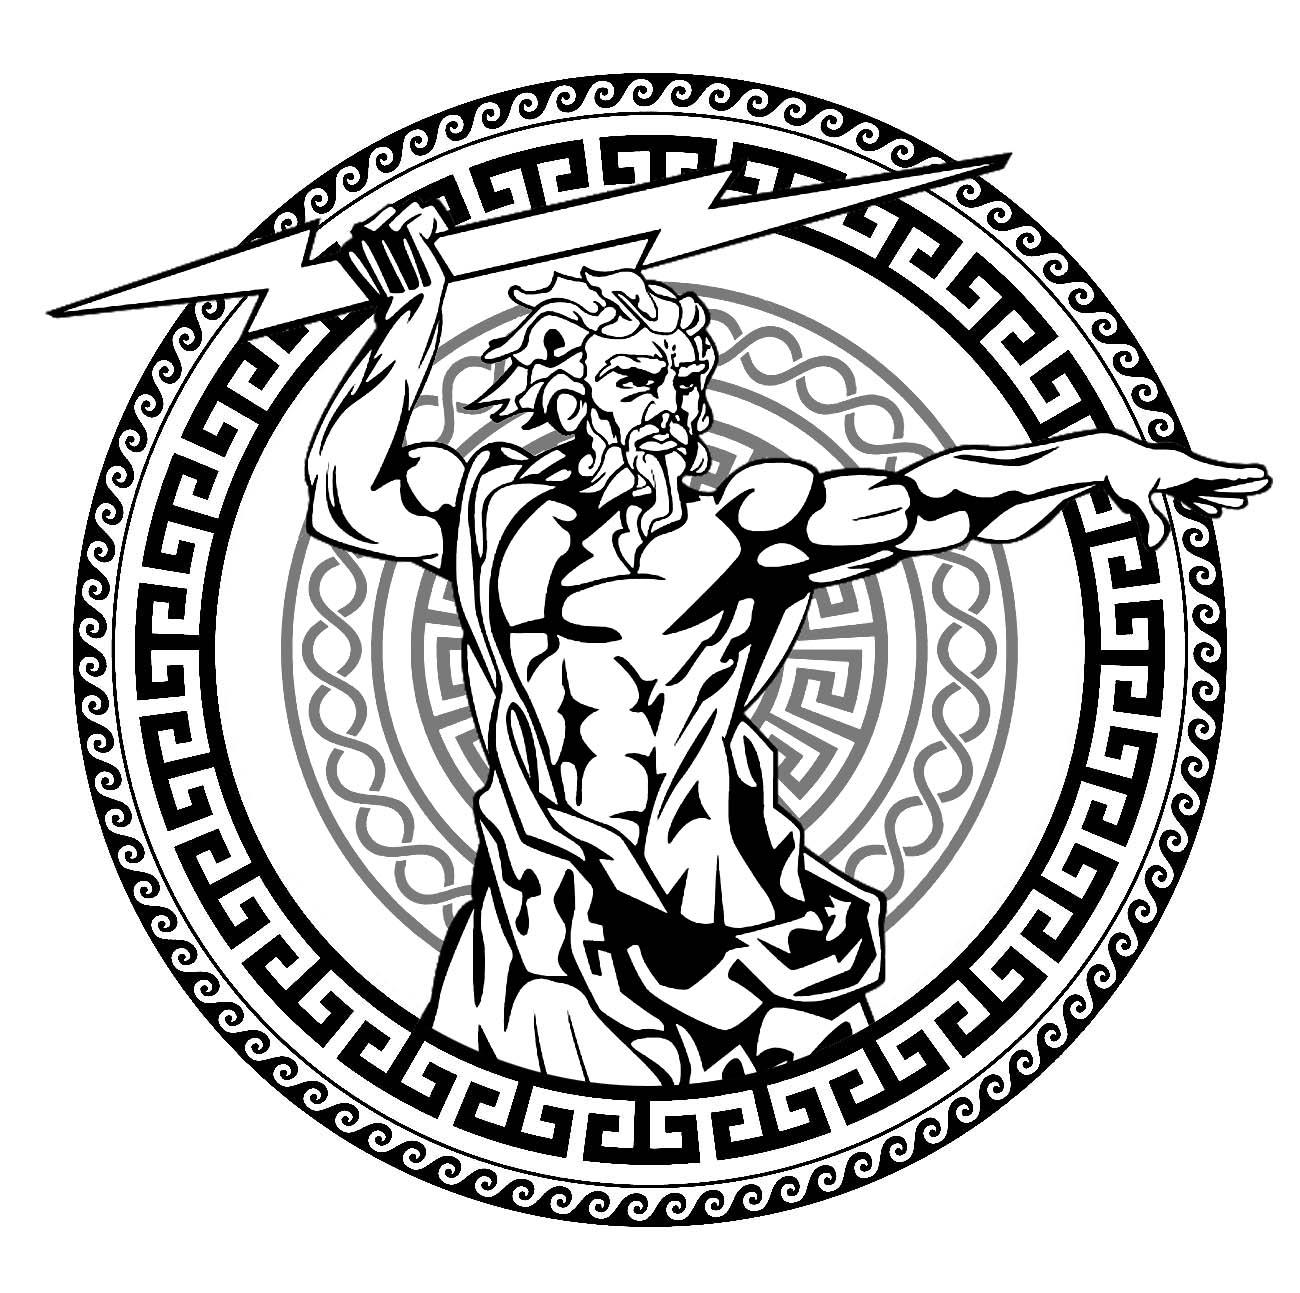 Le Dieu de la Mythologie Grecque Zeus, dans un cercle comportant des motifs typiques